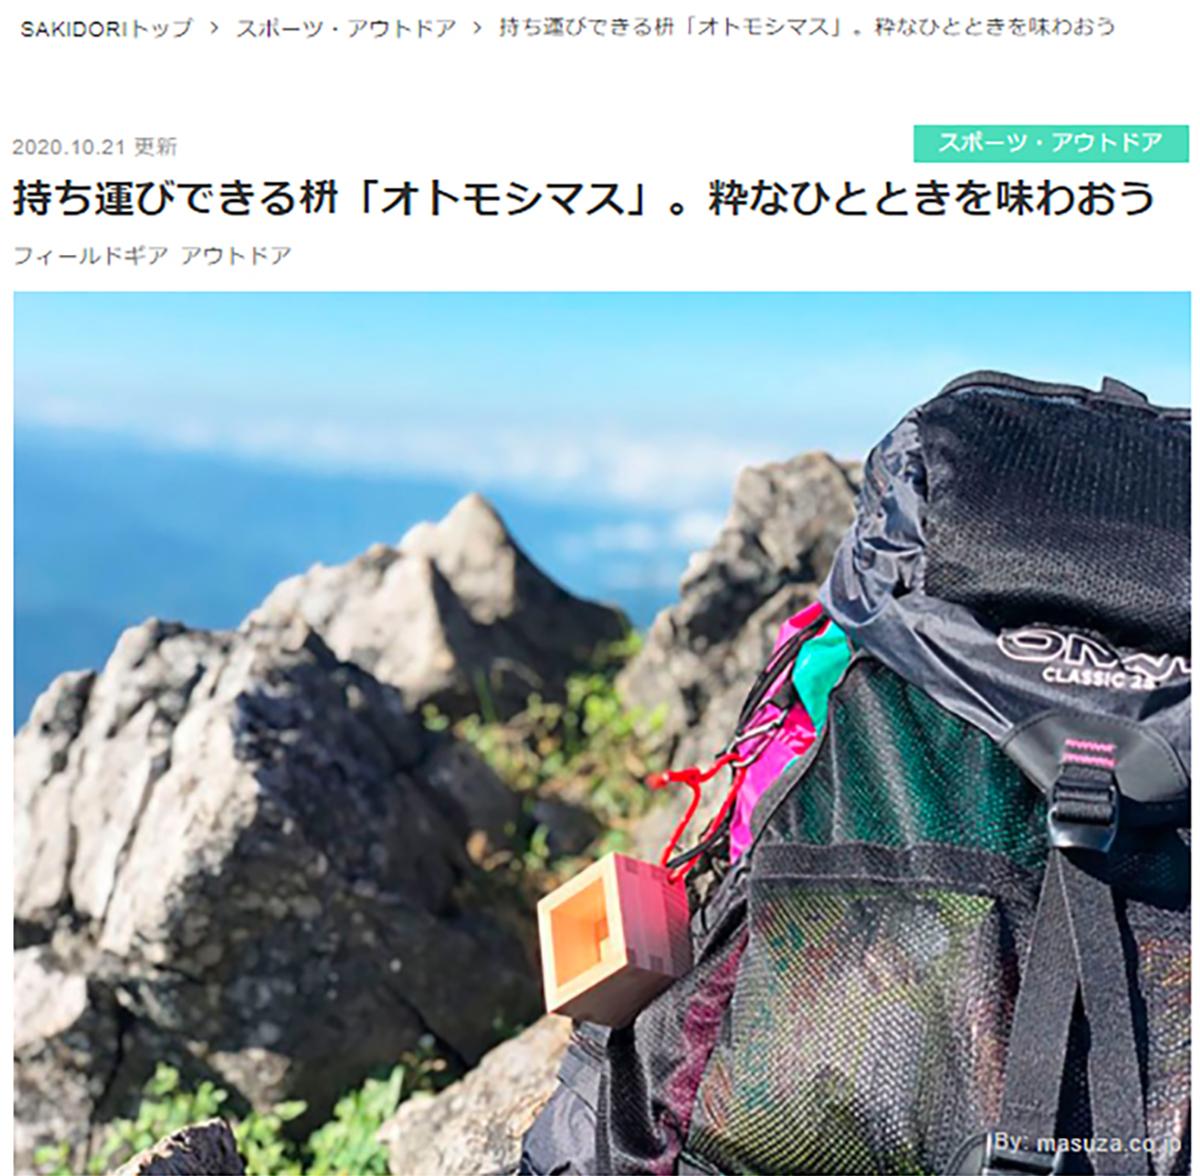 SAKIDORI_オトモシマス